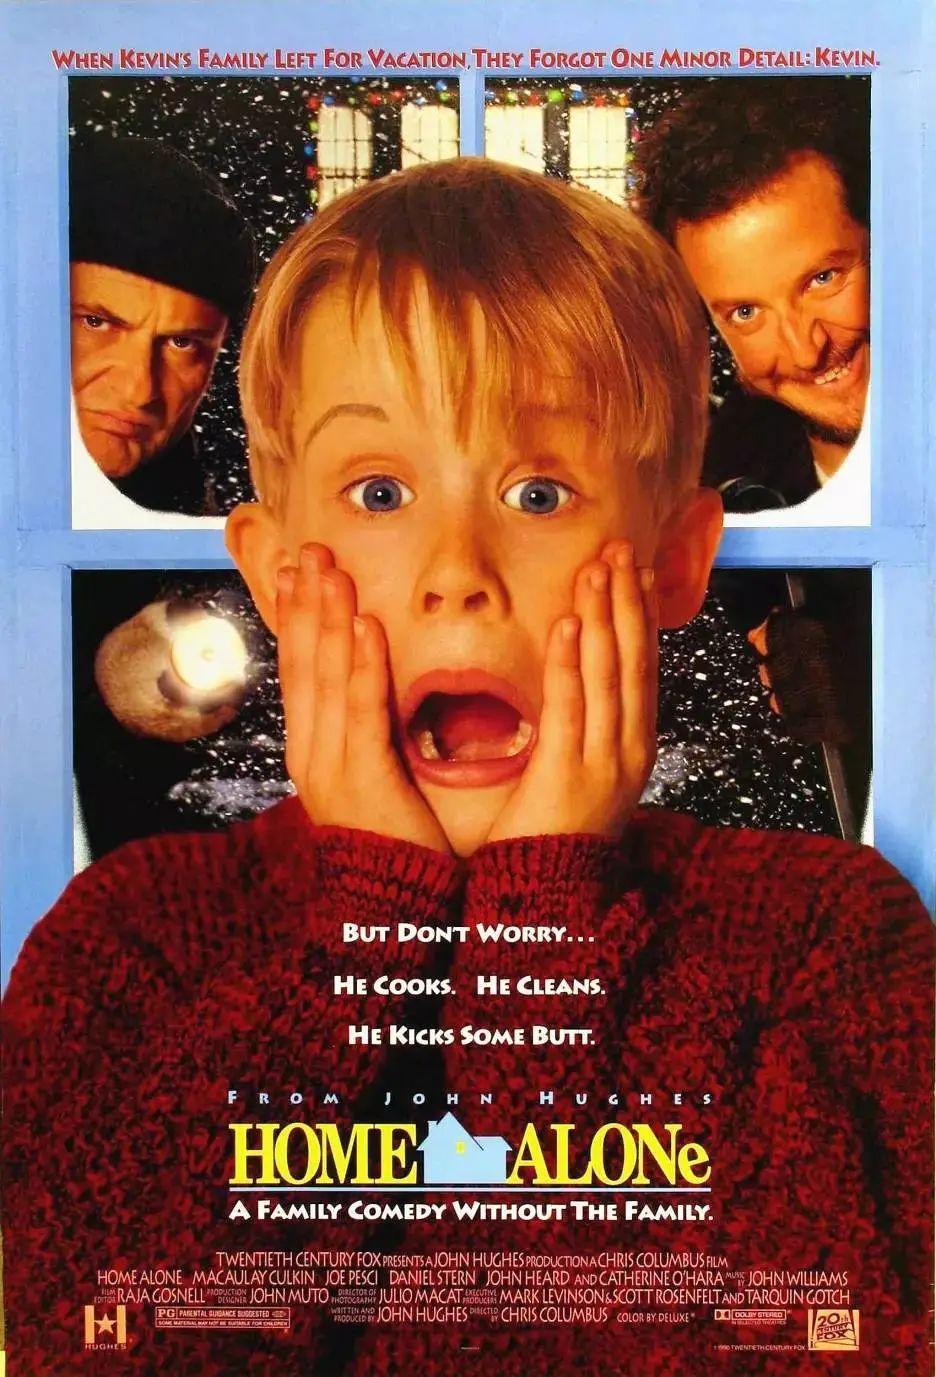 关于圣诞节的十大经典电影丨贝斯哲